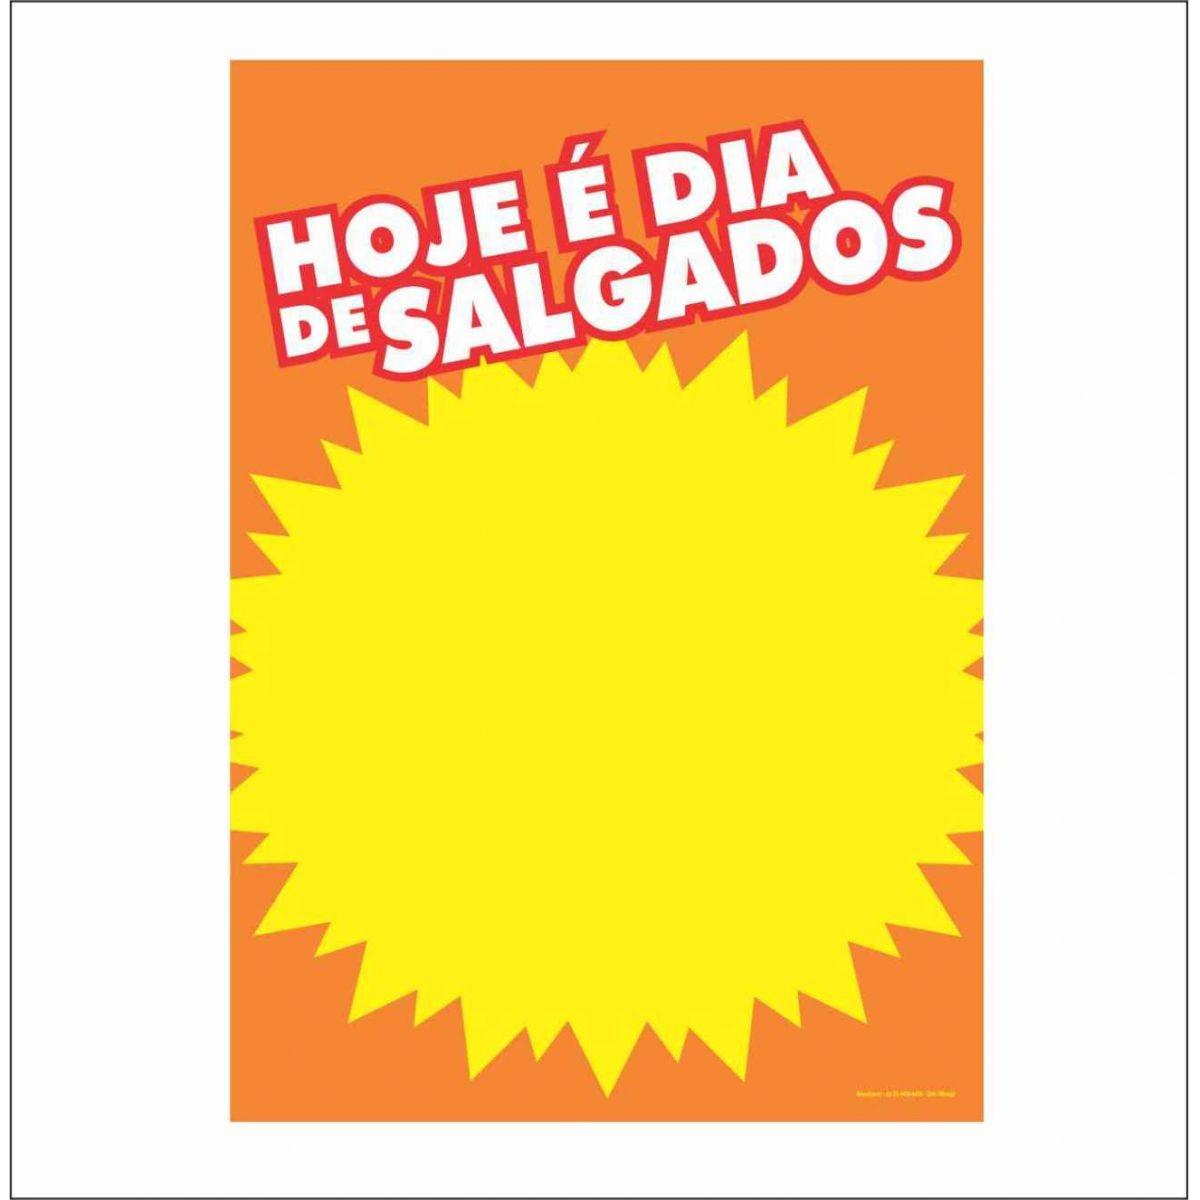 CARTAZ HOJE É DIA DE SALGADOS 29X40CM (C/50 UNIDADES)